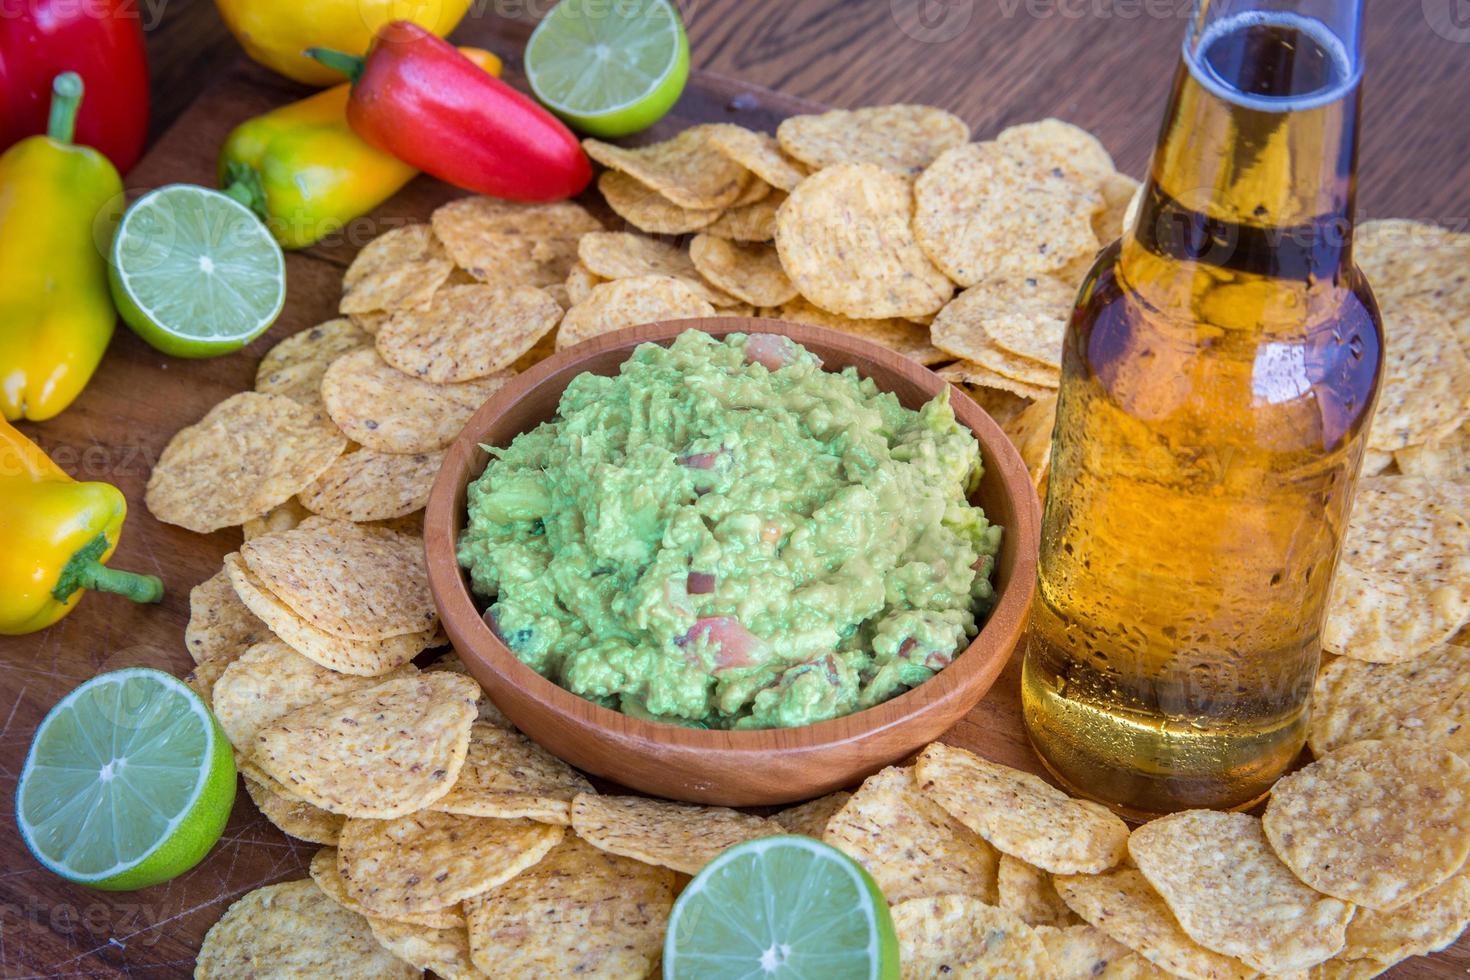 comida de fiesta mexicana foto